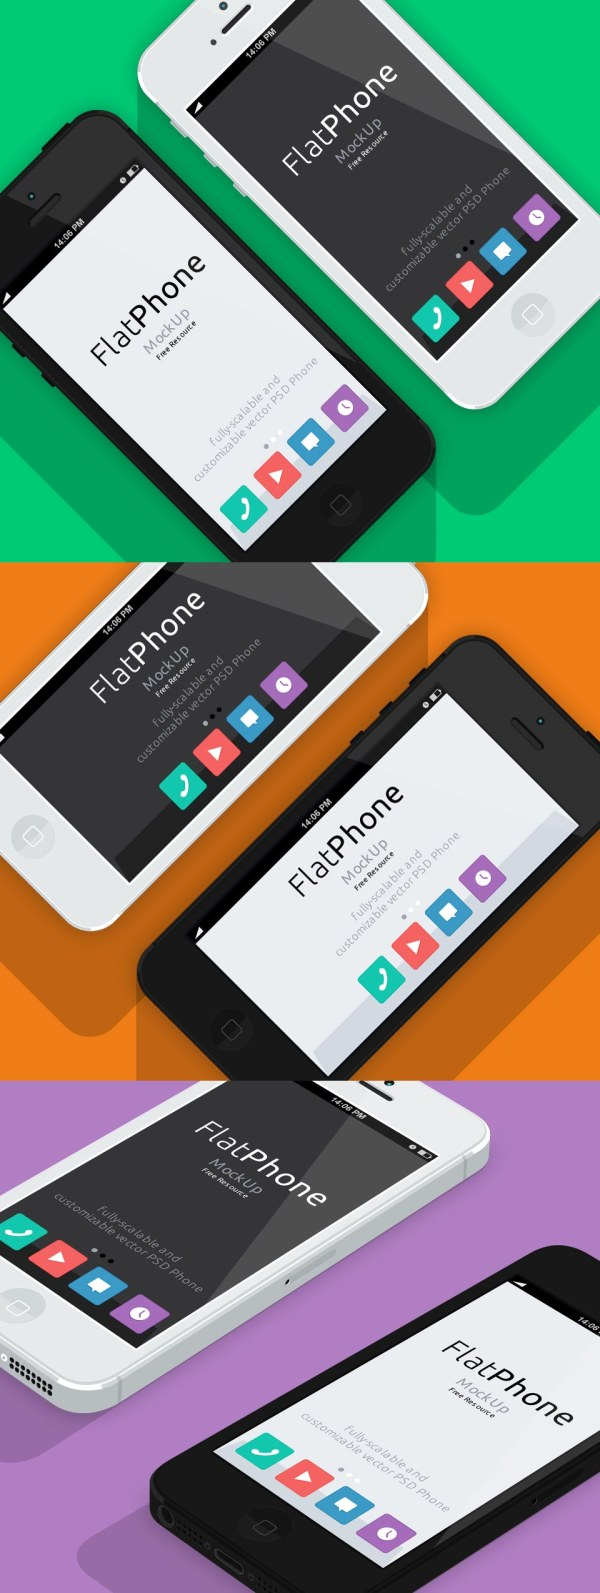 IPhone5 flat die